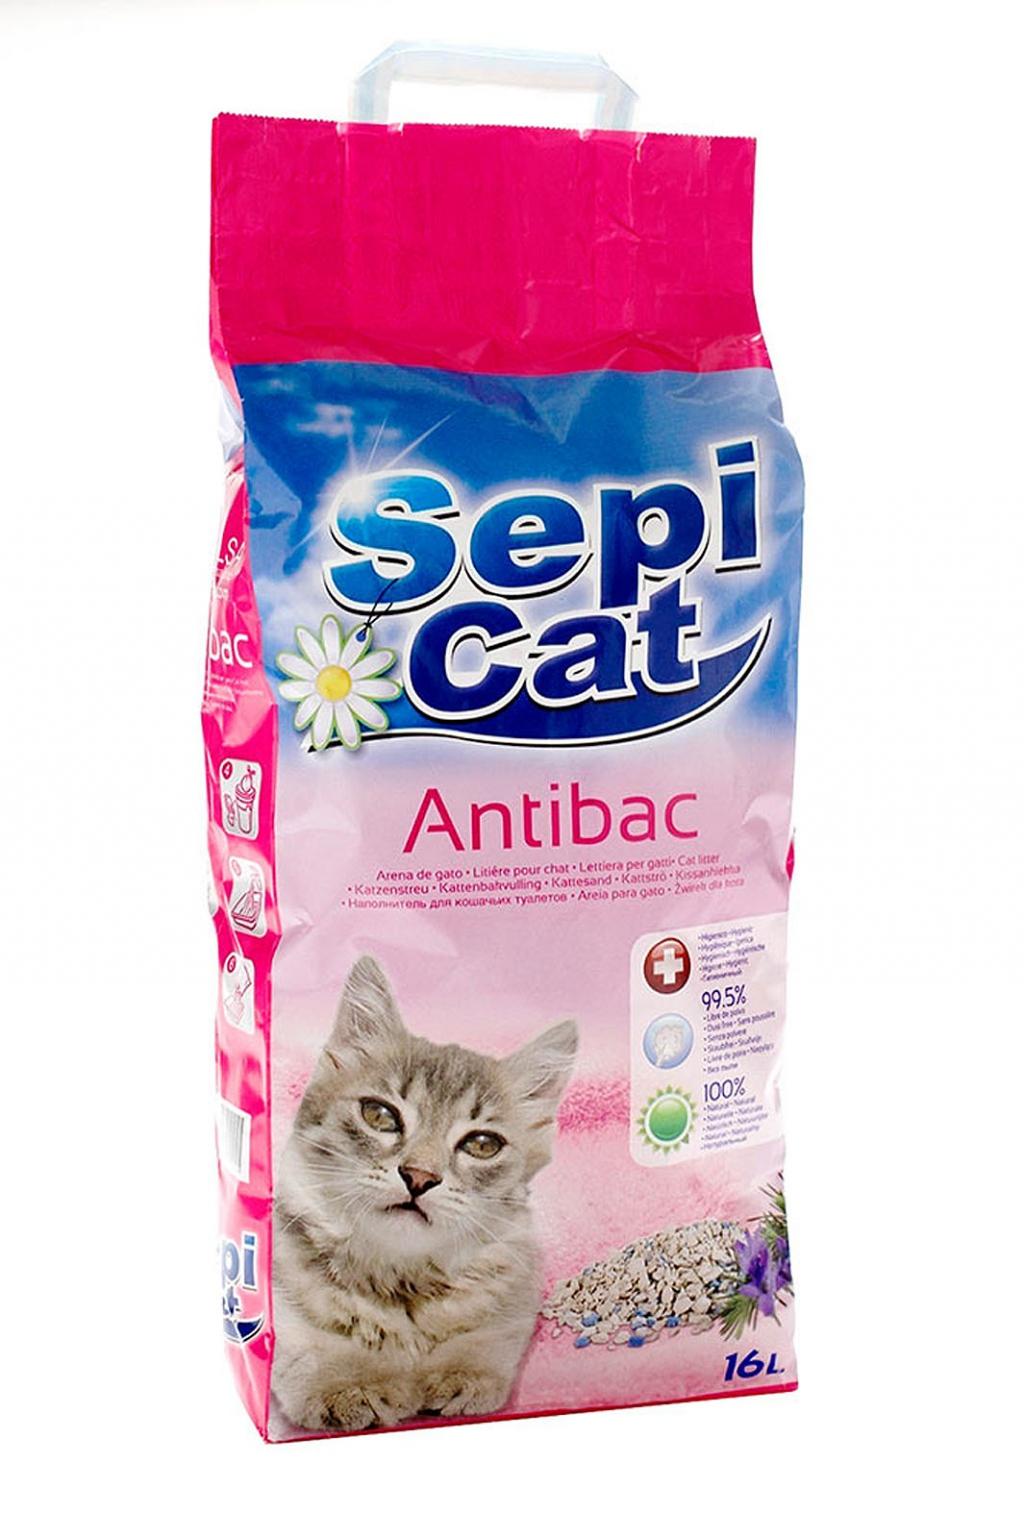 Сепиолса Наполнитель Sepicat Antibac Антибактериальный впитывающий, для кошачьего туалета, в ассортименте, Sepiolsa